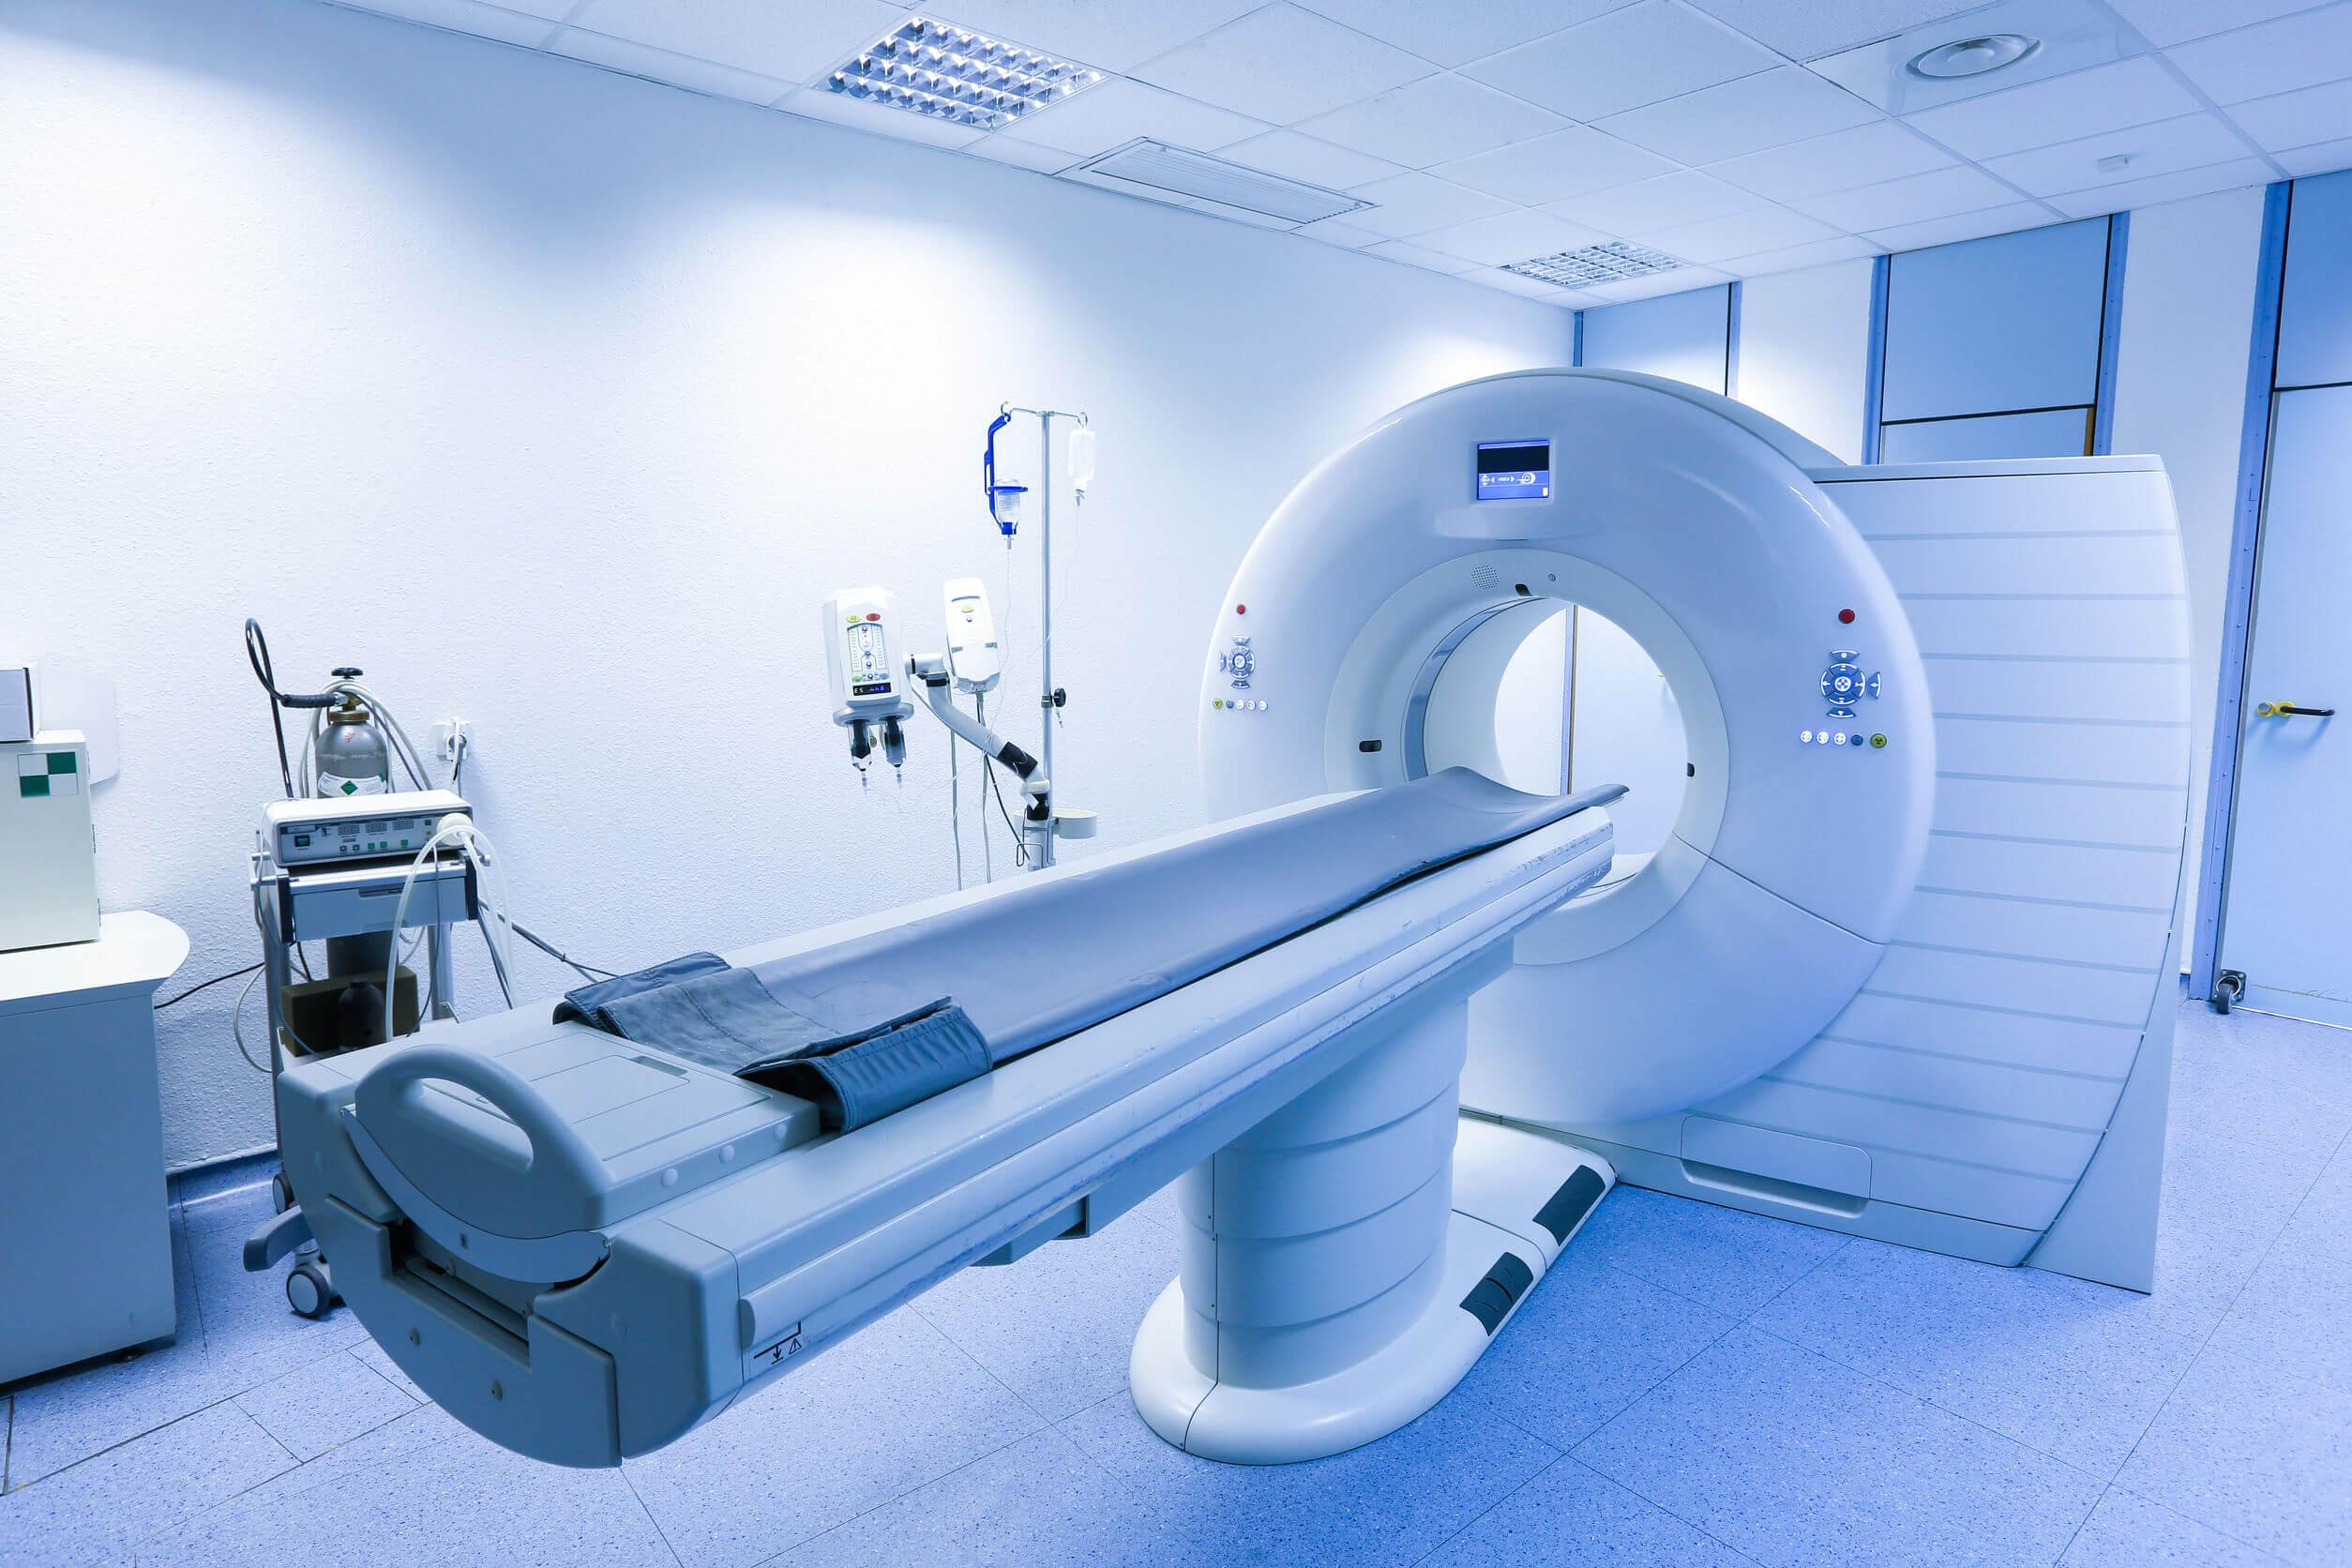 Los abscesos intraabdominales requieren métodos de imágenes para diagnosticarse.